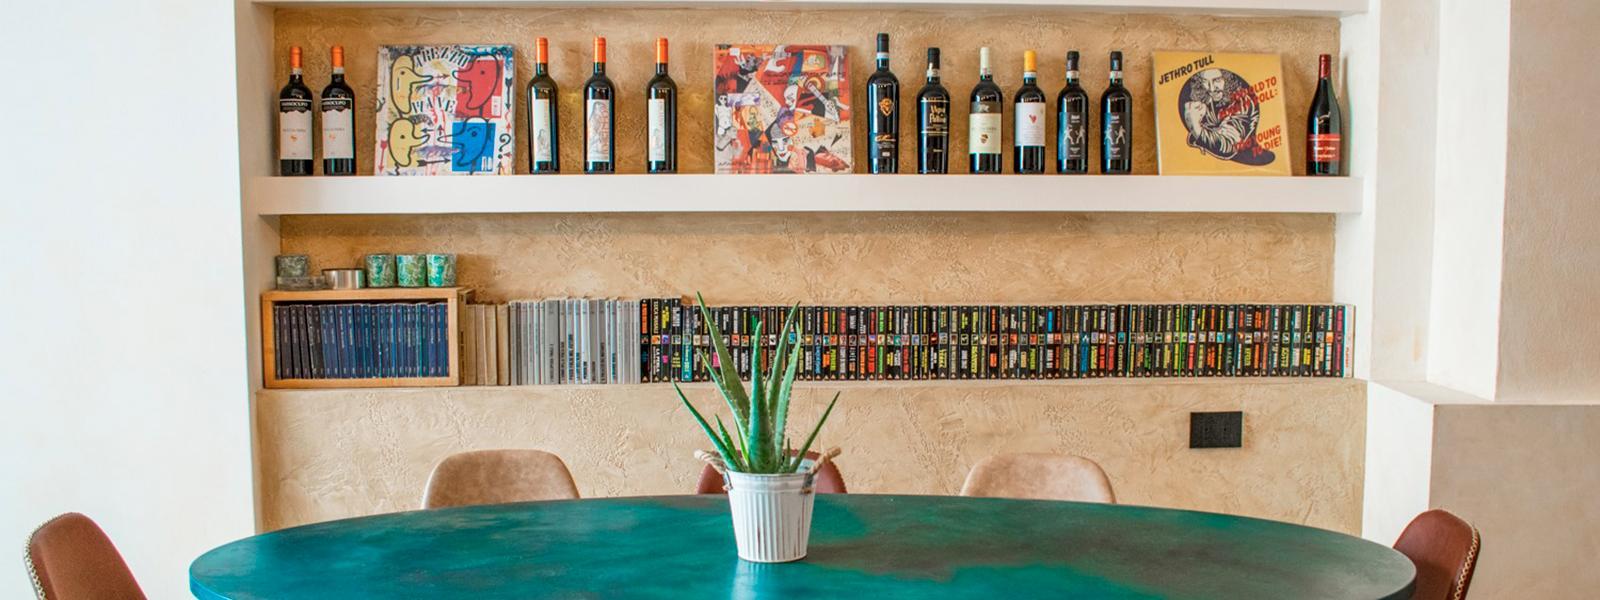 Foodstock Vini e Vinili Ristorante Vetrinando Arezzo